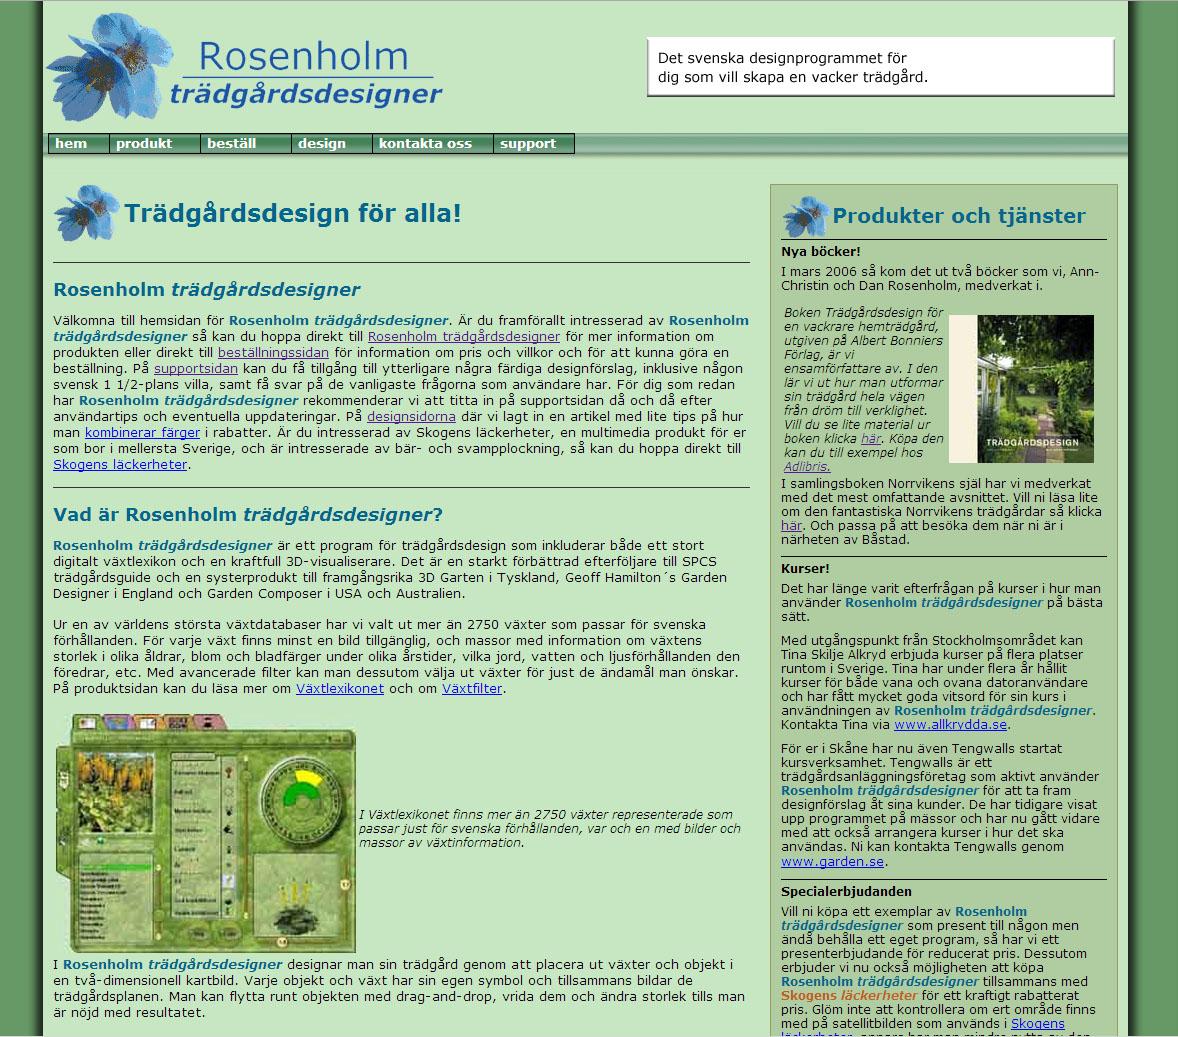 Rosenholm trädgårdsdesigner